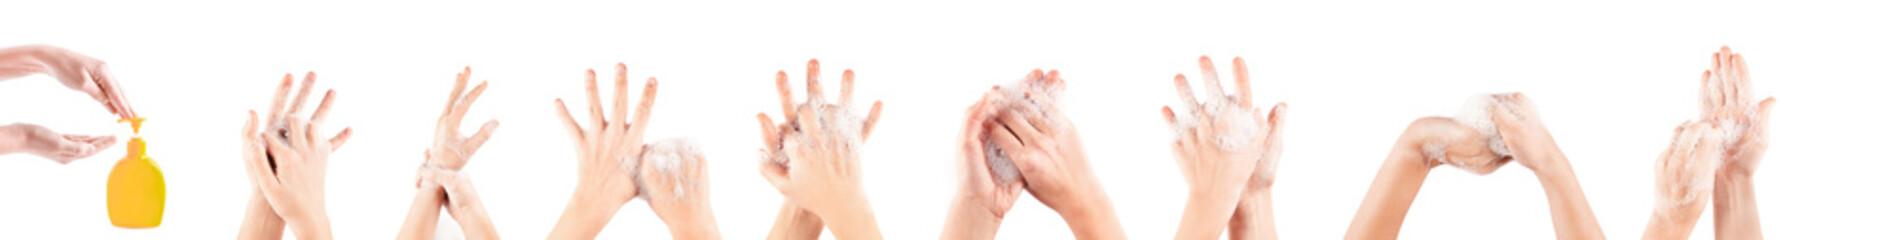 girl hand washing isolated on white background